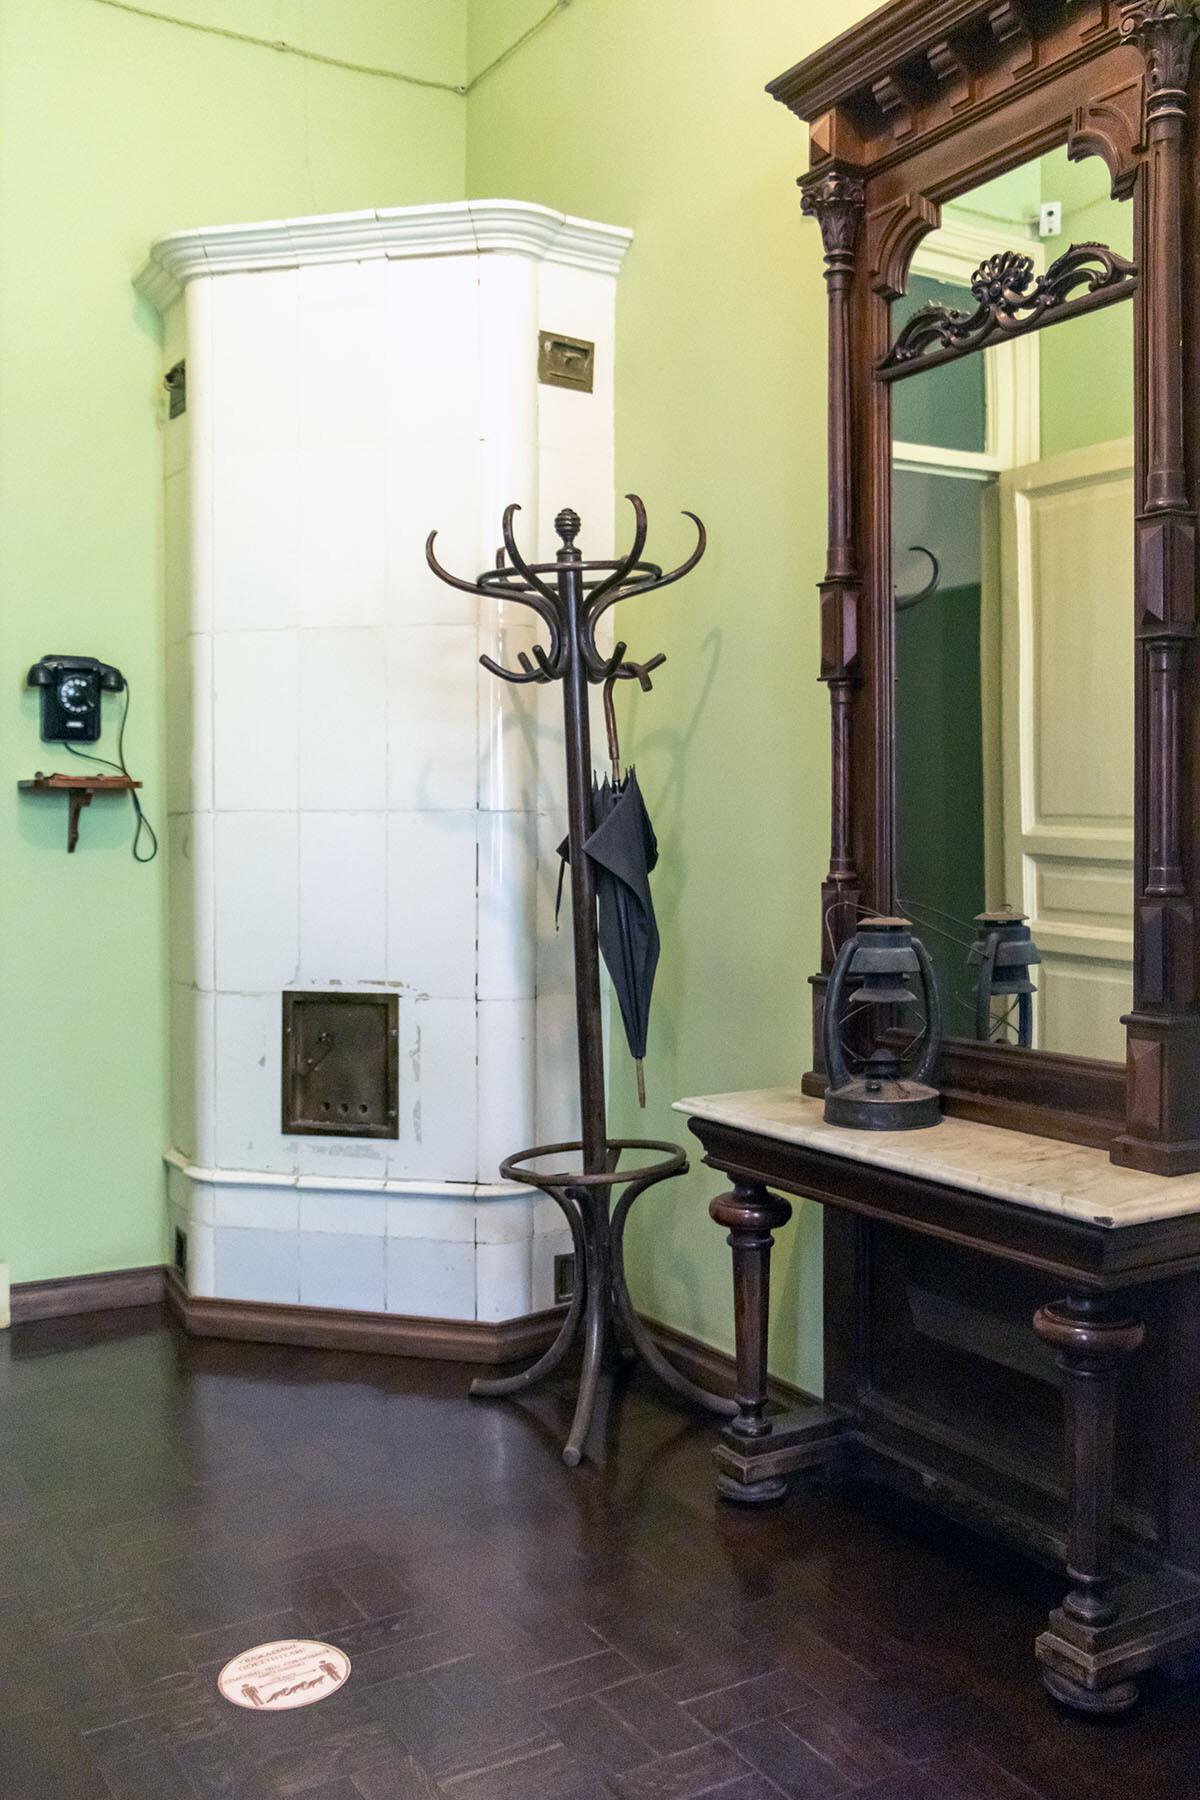 Лестница и прихожая в музее Анны Ахматовой в Фонтанном доме Петербурга IMG_2028-0.jpg